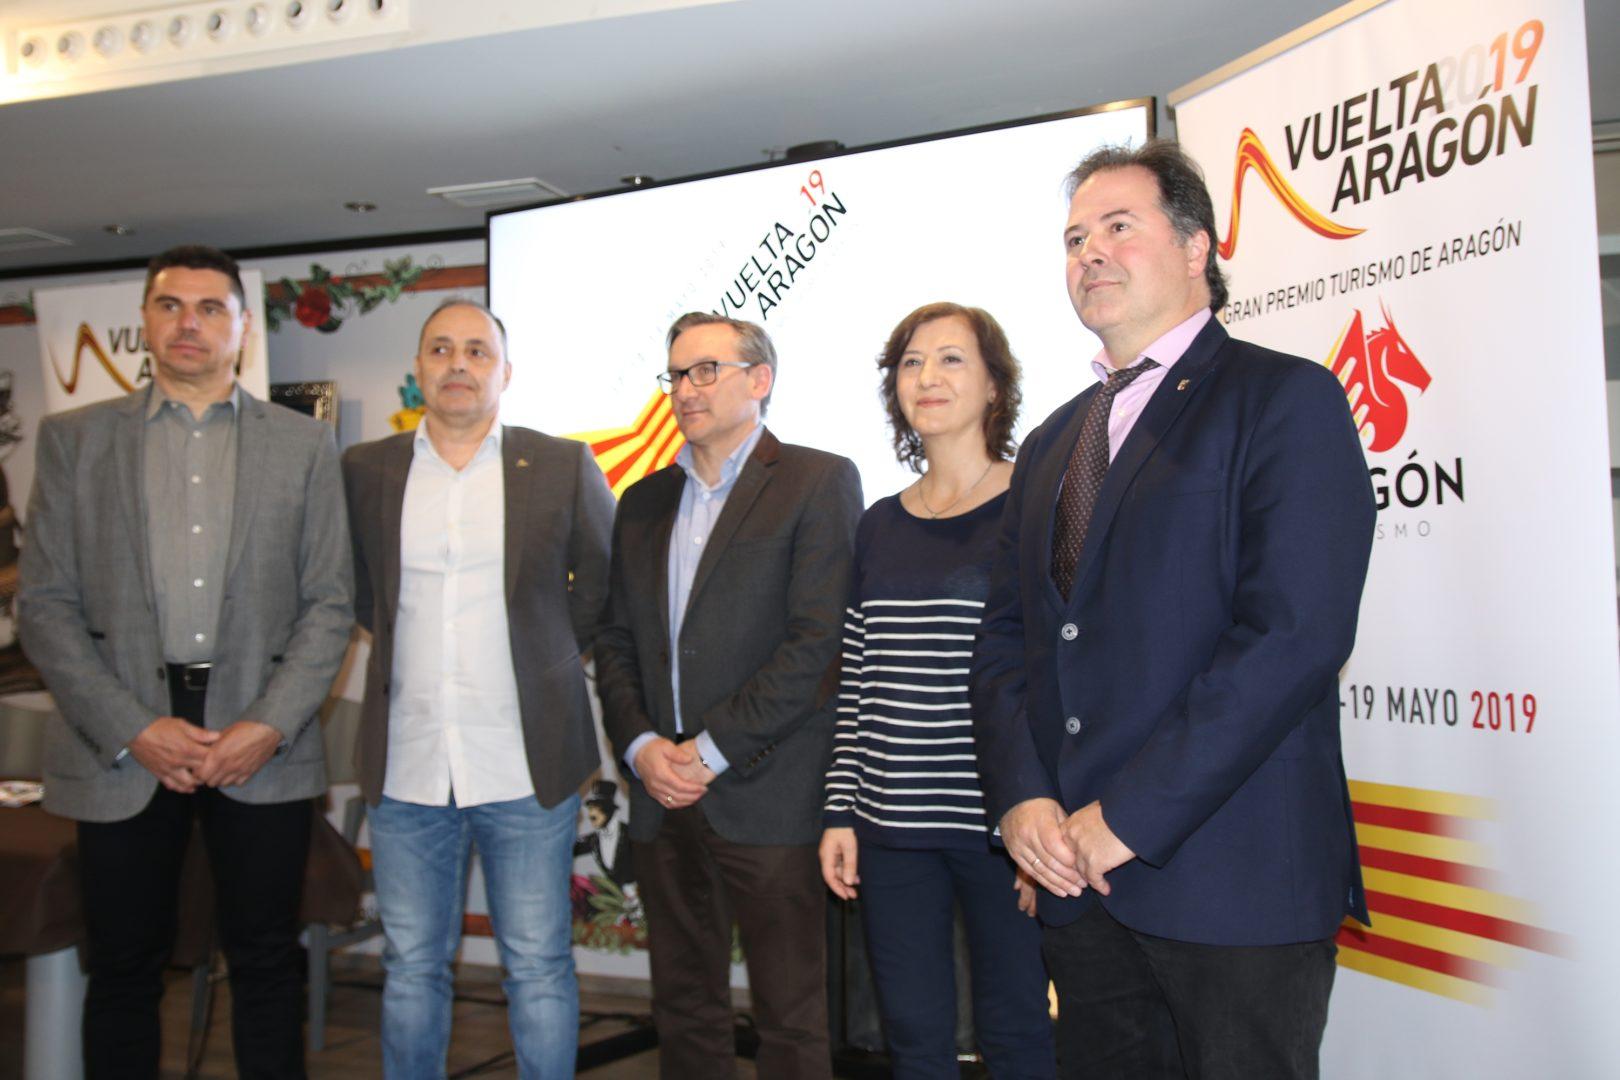 Teruel, escenario de la presentación de  la Vuelta  a Aragón